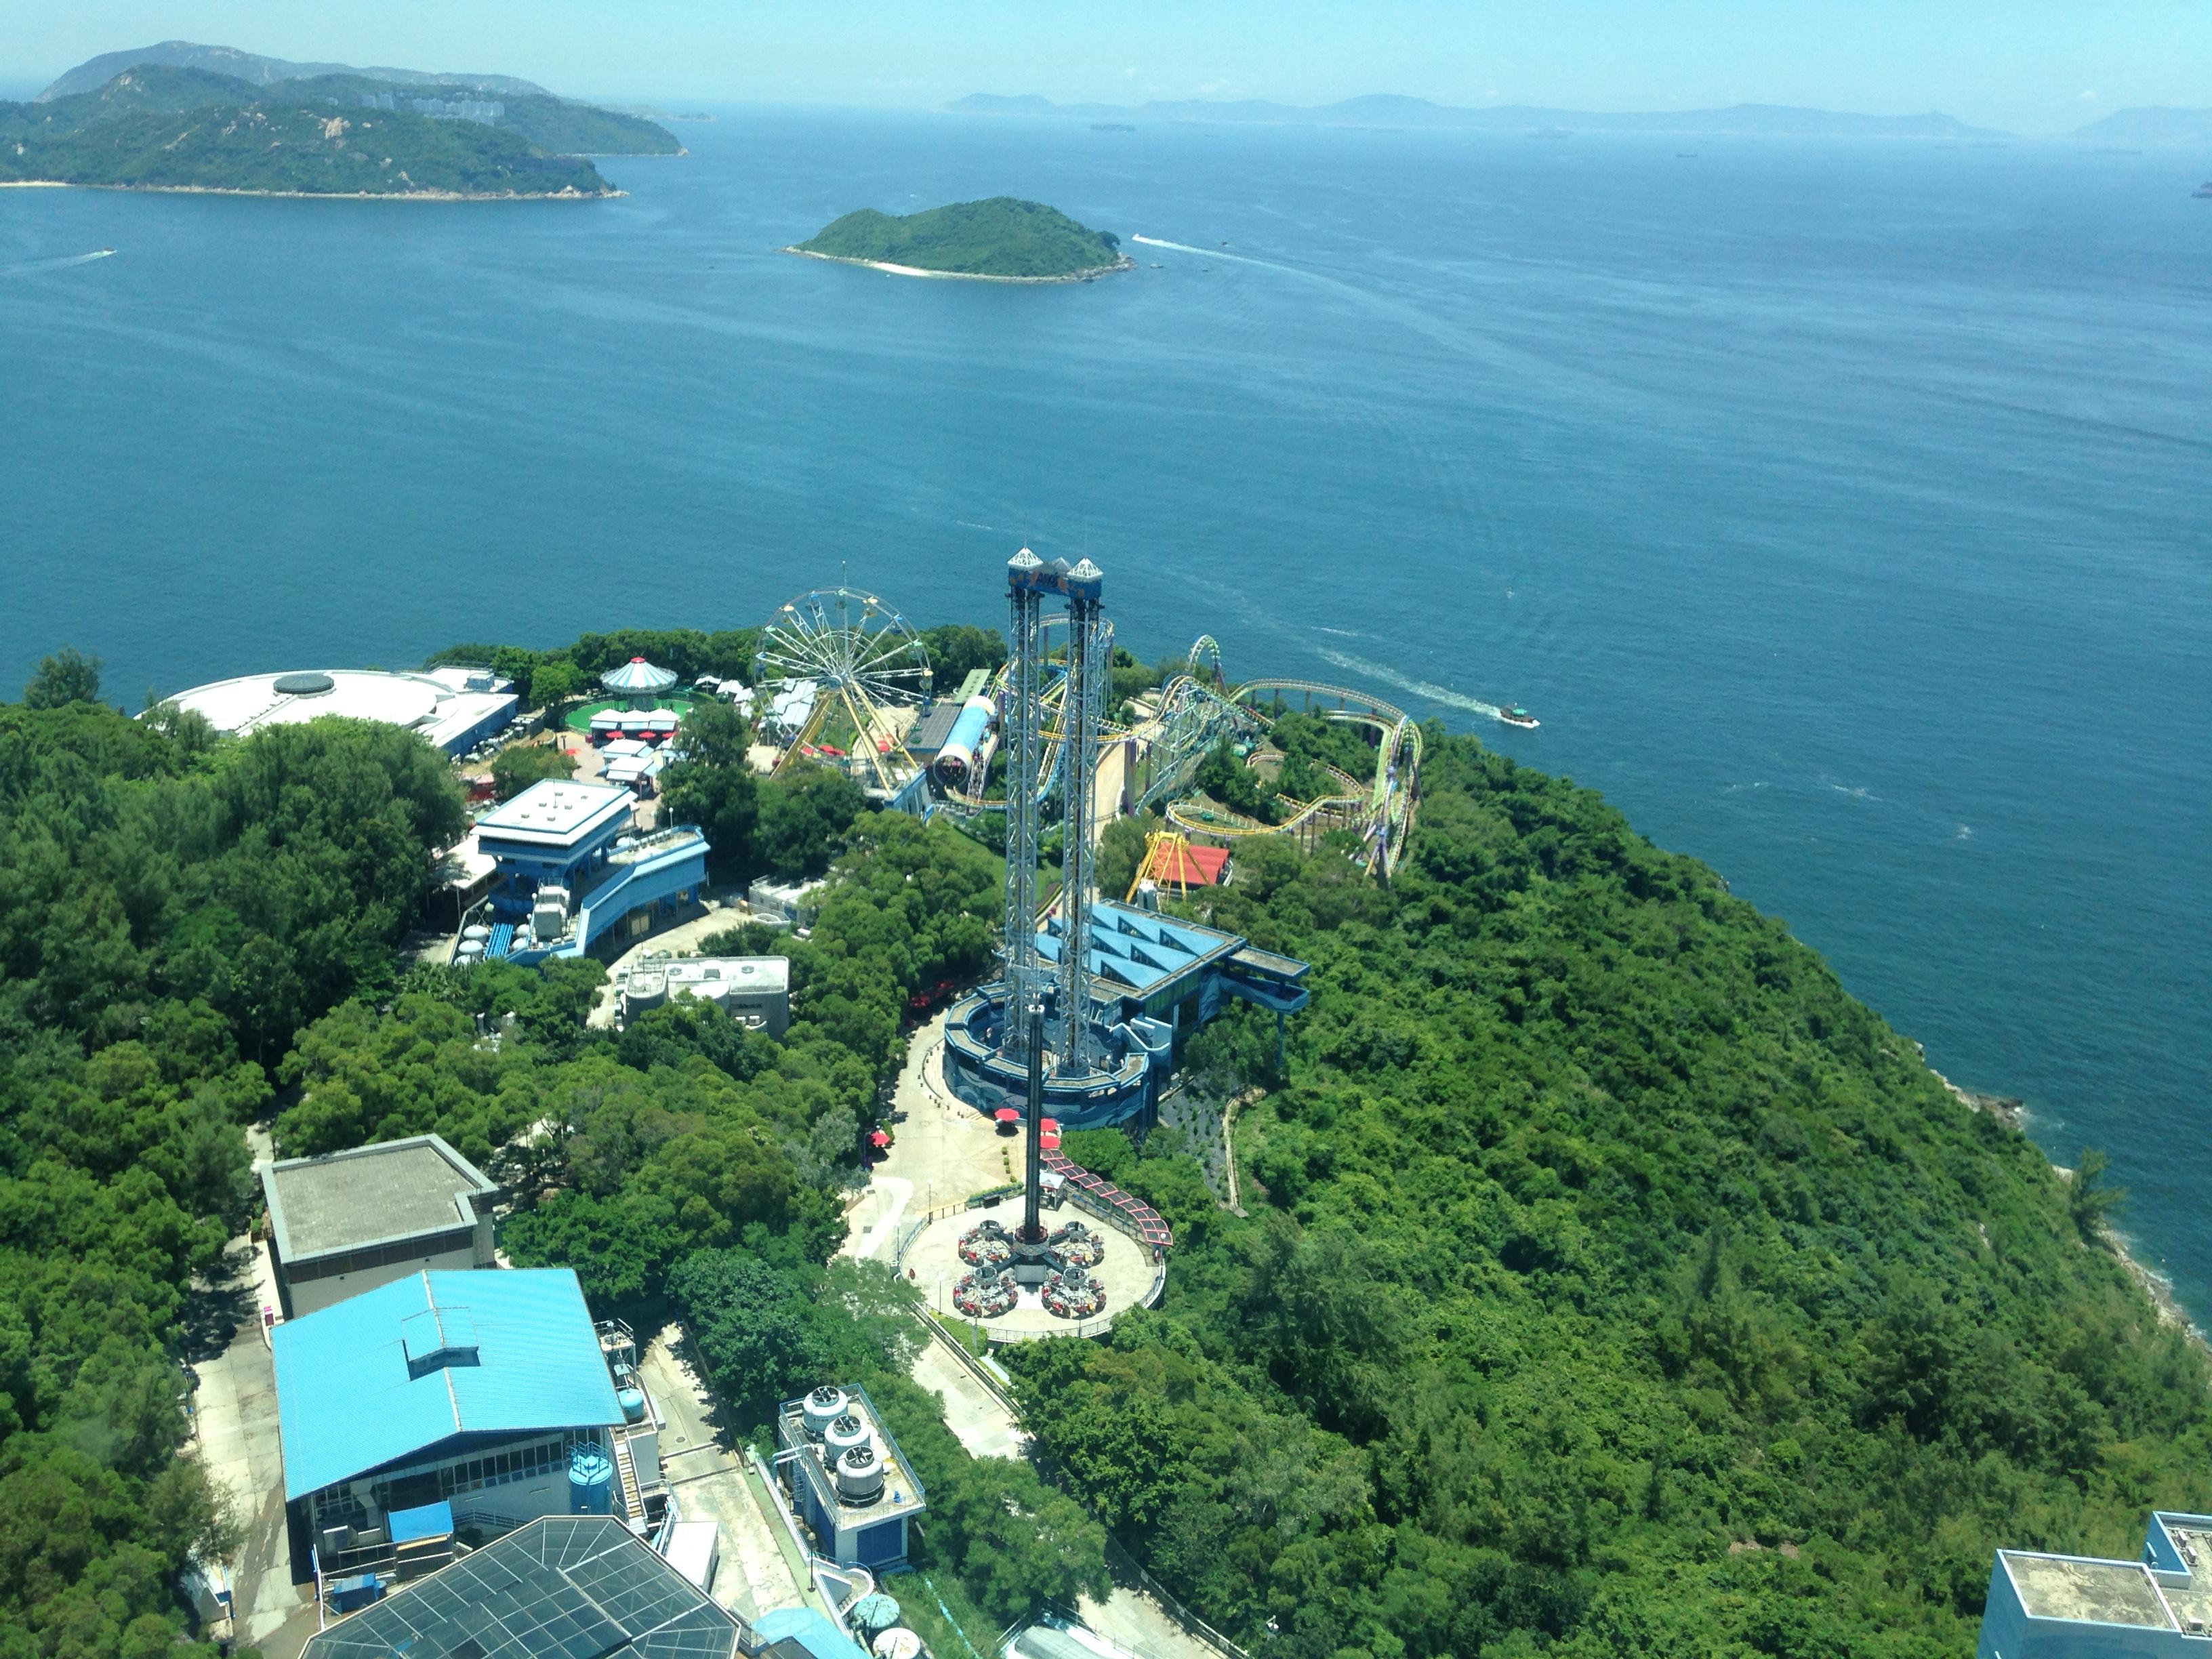 去香港海洋公园可以自己带吃的吗.里面有吃饭的地方吗